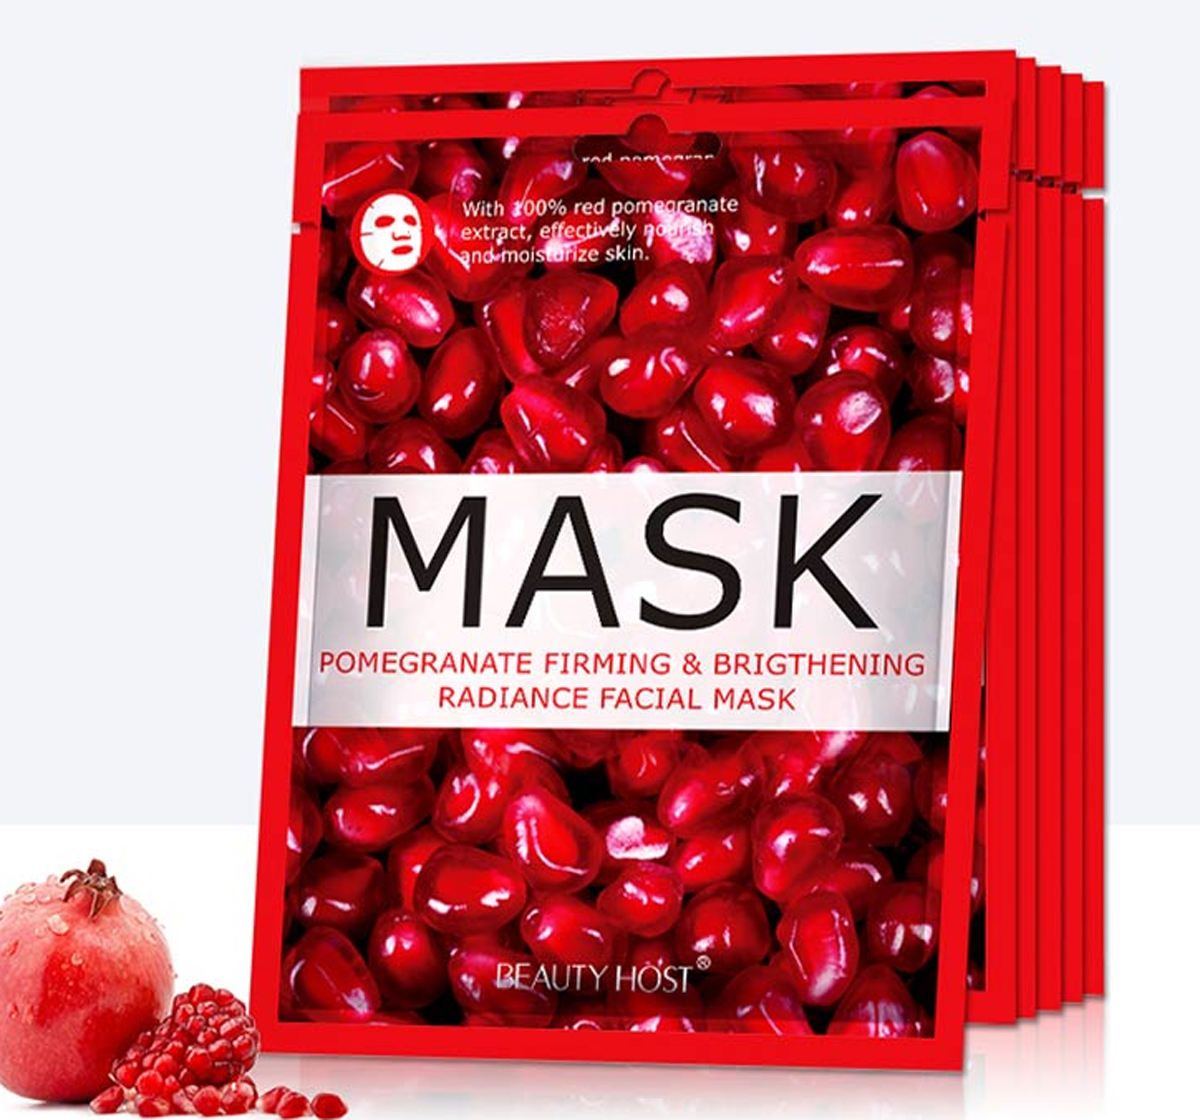 3 Pcs Repairing Firming Whitening Fruit Moisturizing Skin Care Radiance Facial Mask 25 ML